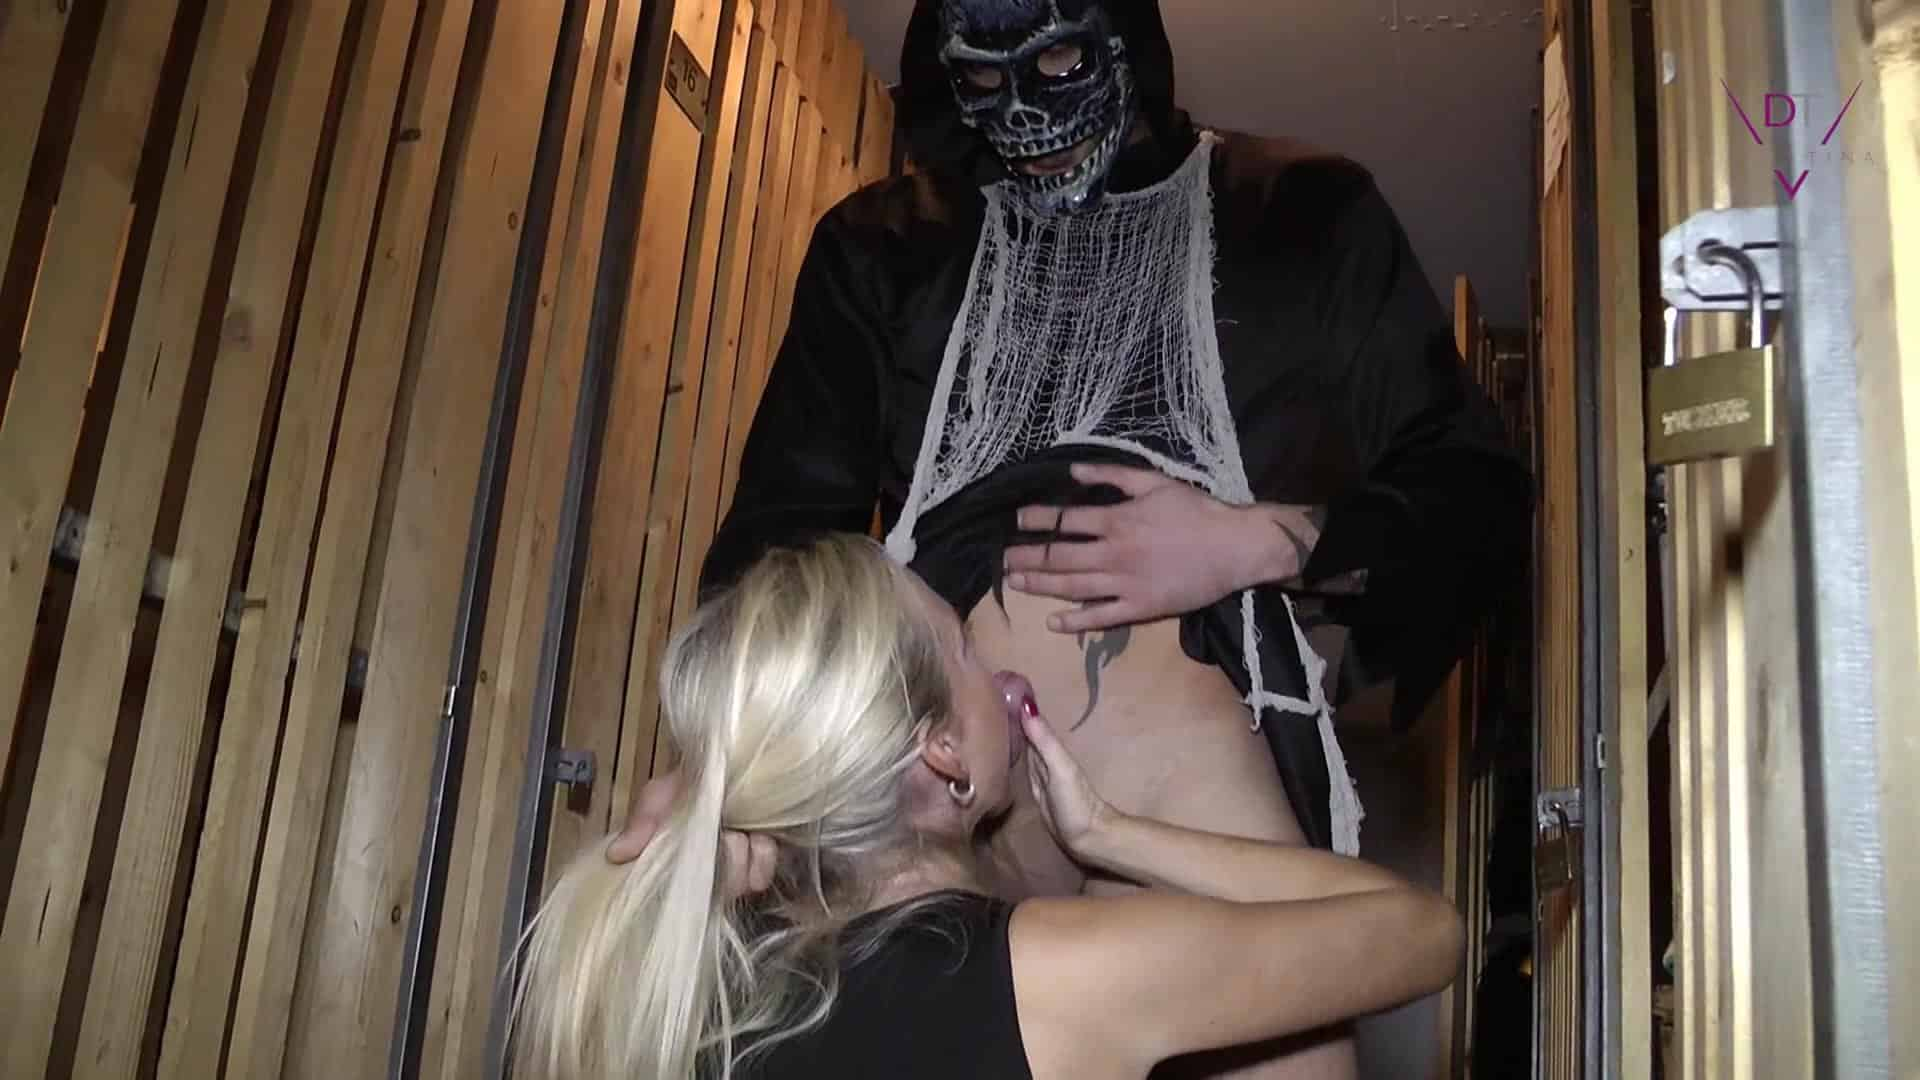 Halloweenfick mit einem Monster